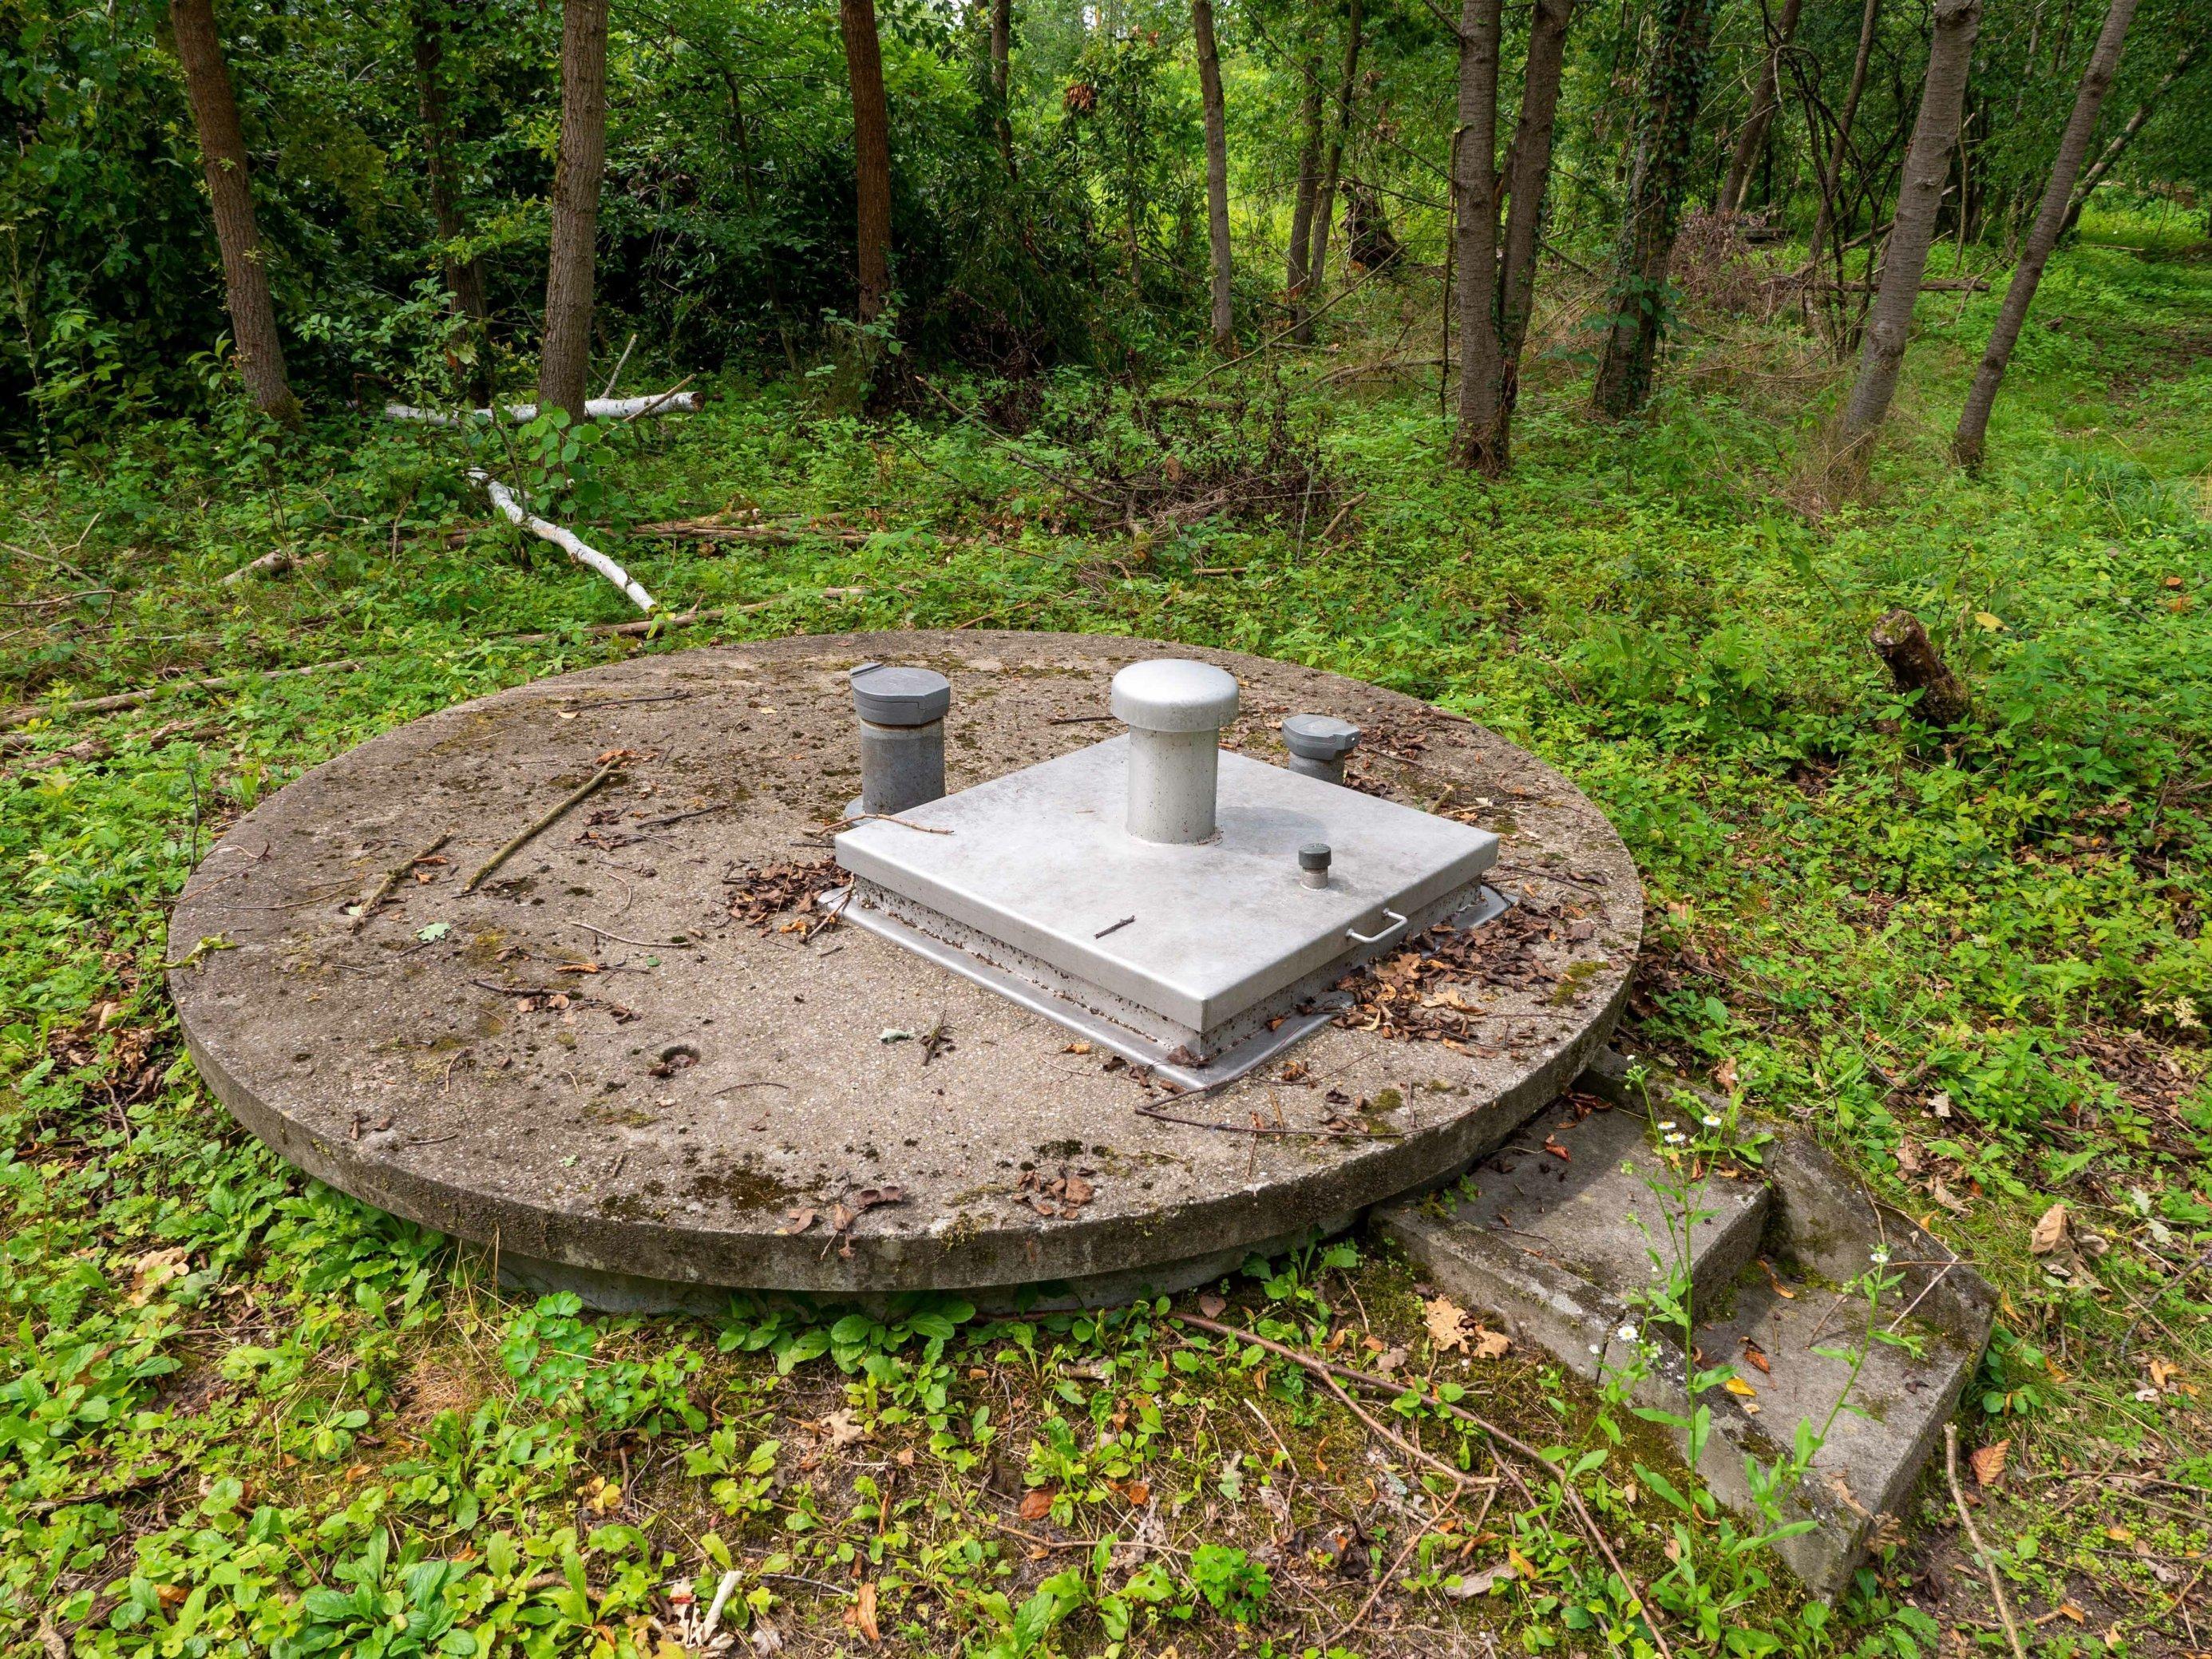 Runder Betondeckel mit pilzformogem Belüftungsstutzen leicht erhöht übder dem Boden eines Waldes